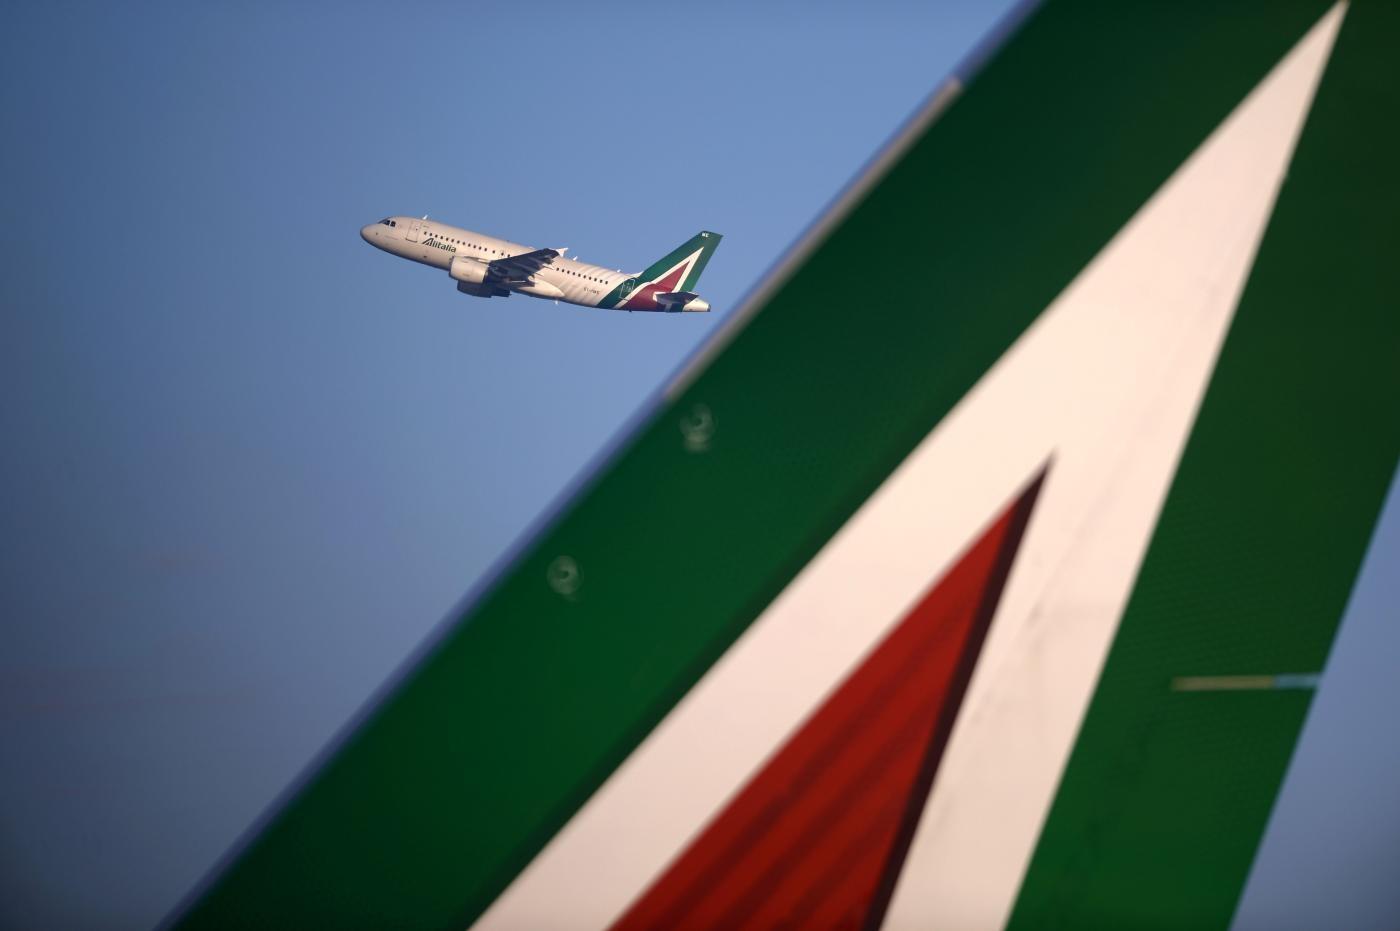 Fari di Bruxelles su Alitalia, chiesti chiarimenti sulla 'discontinuità'